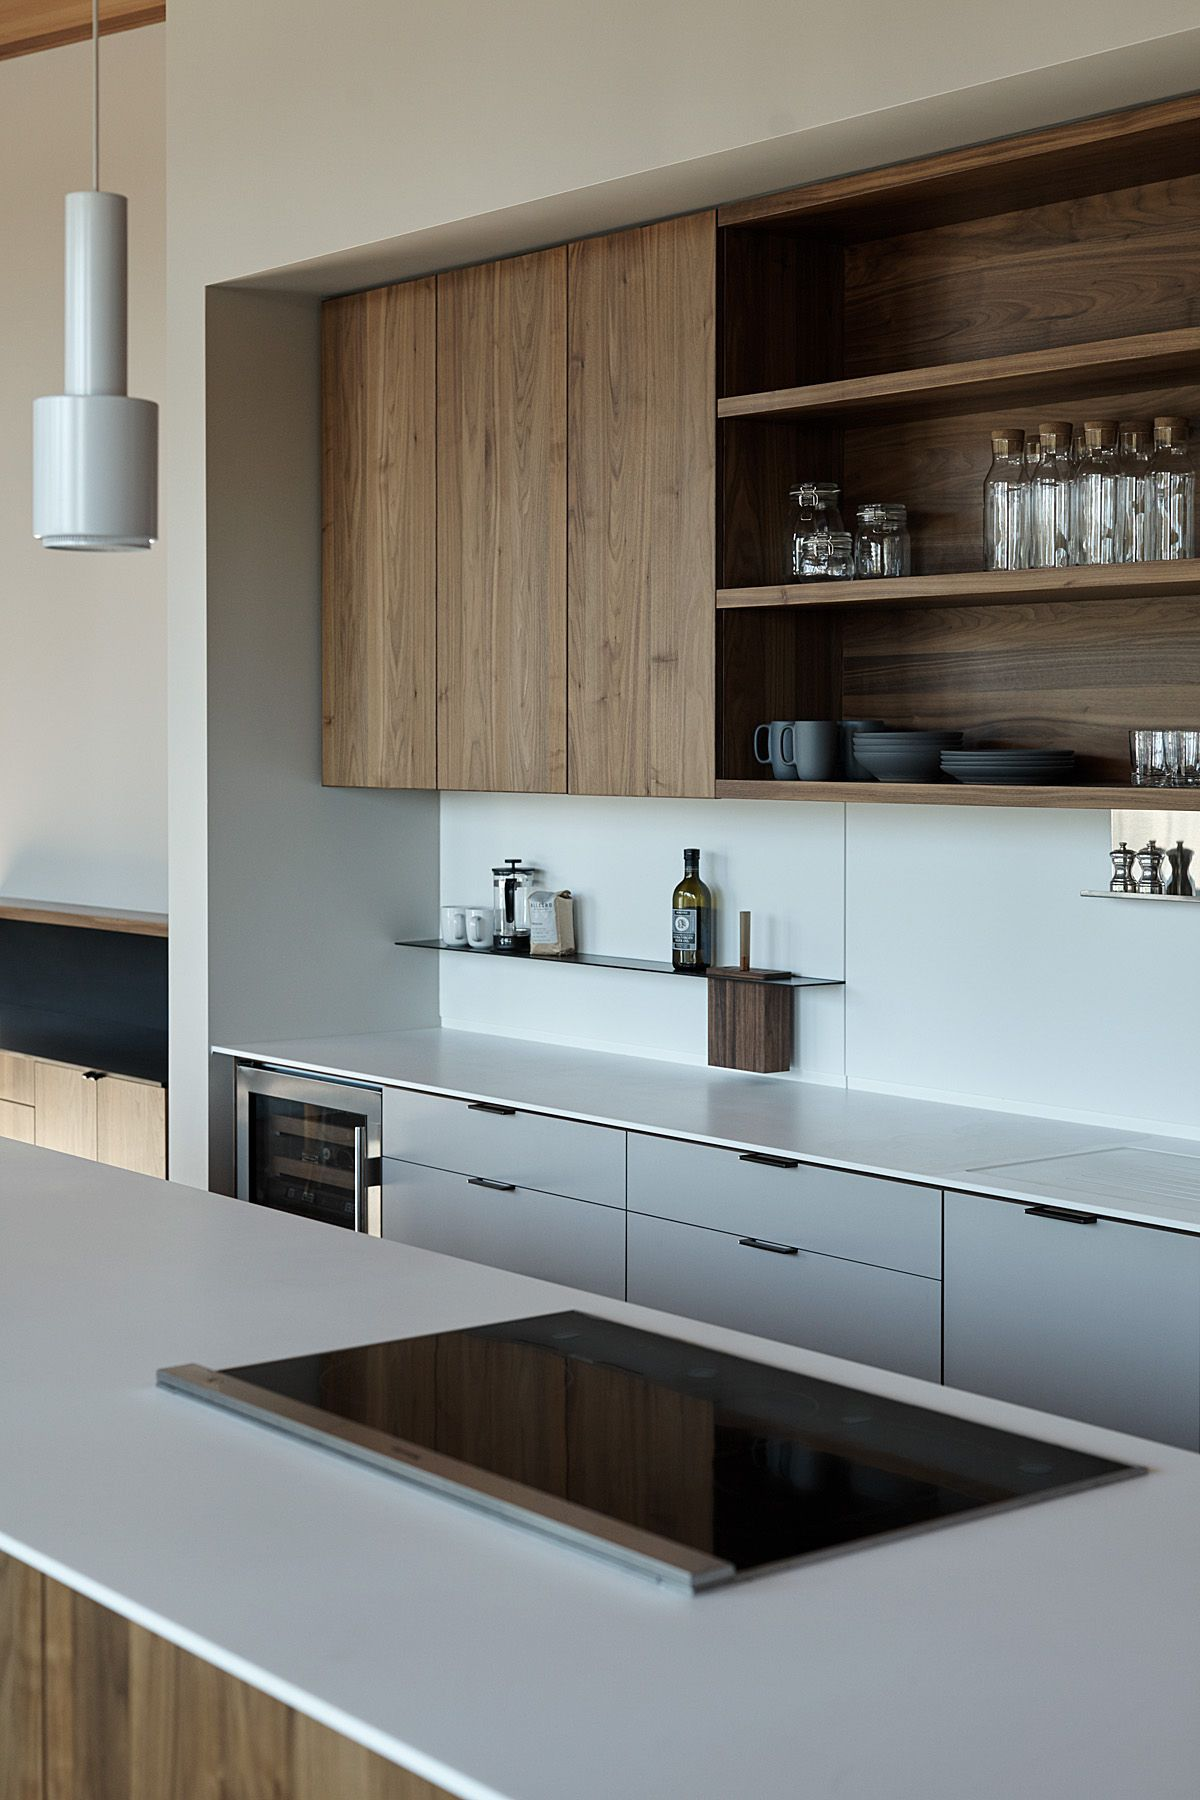 Küchenfarben · C1326953880459.594447f79a39c (1200×1800)